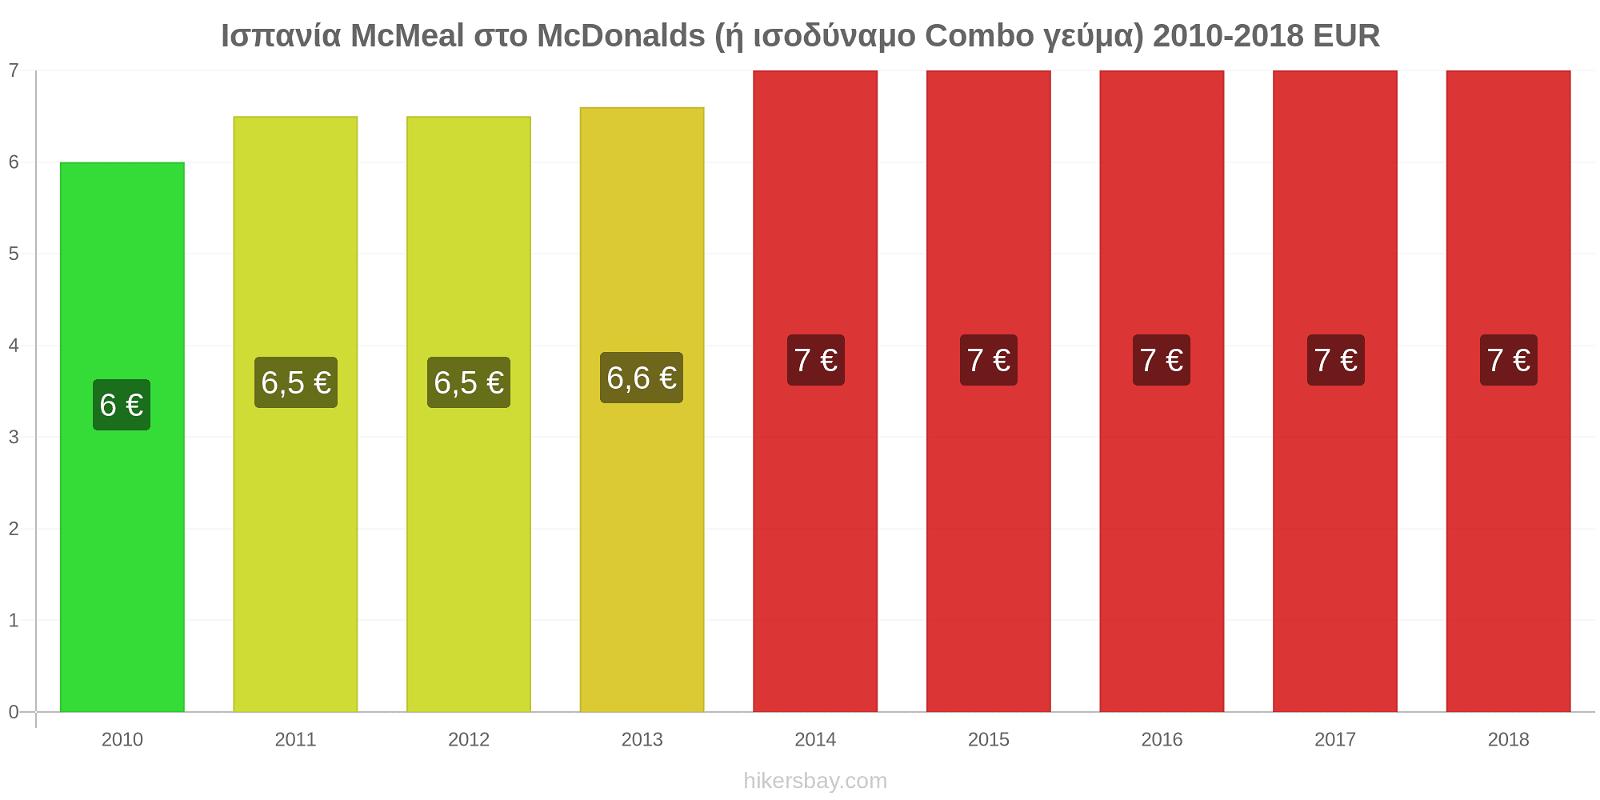 Ισπανία αλλαγές τιμών McMeal στο McDonalds (ή ισοδύναμο Combo γεύμα) hikersbay.com